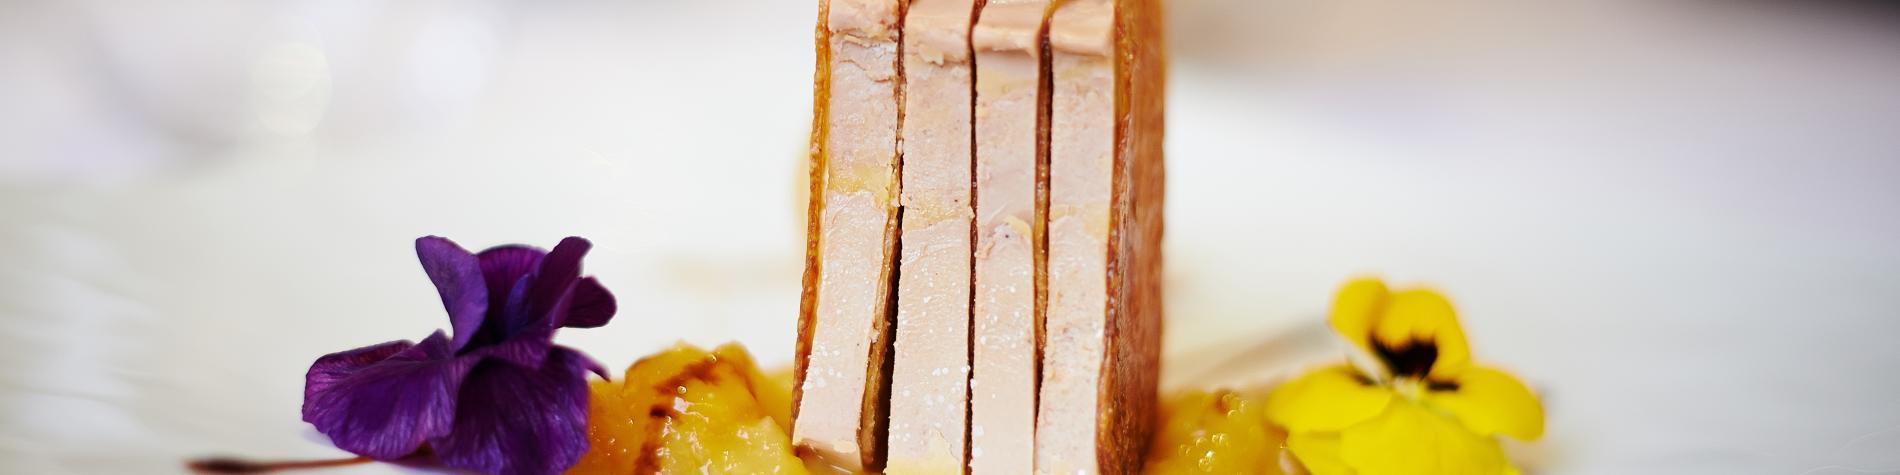 Logis de Belgique - gastronomie -Wallonie